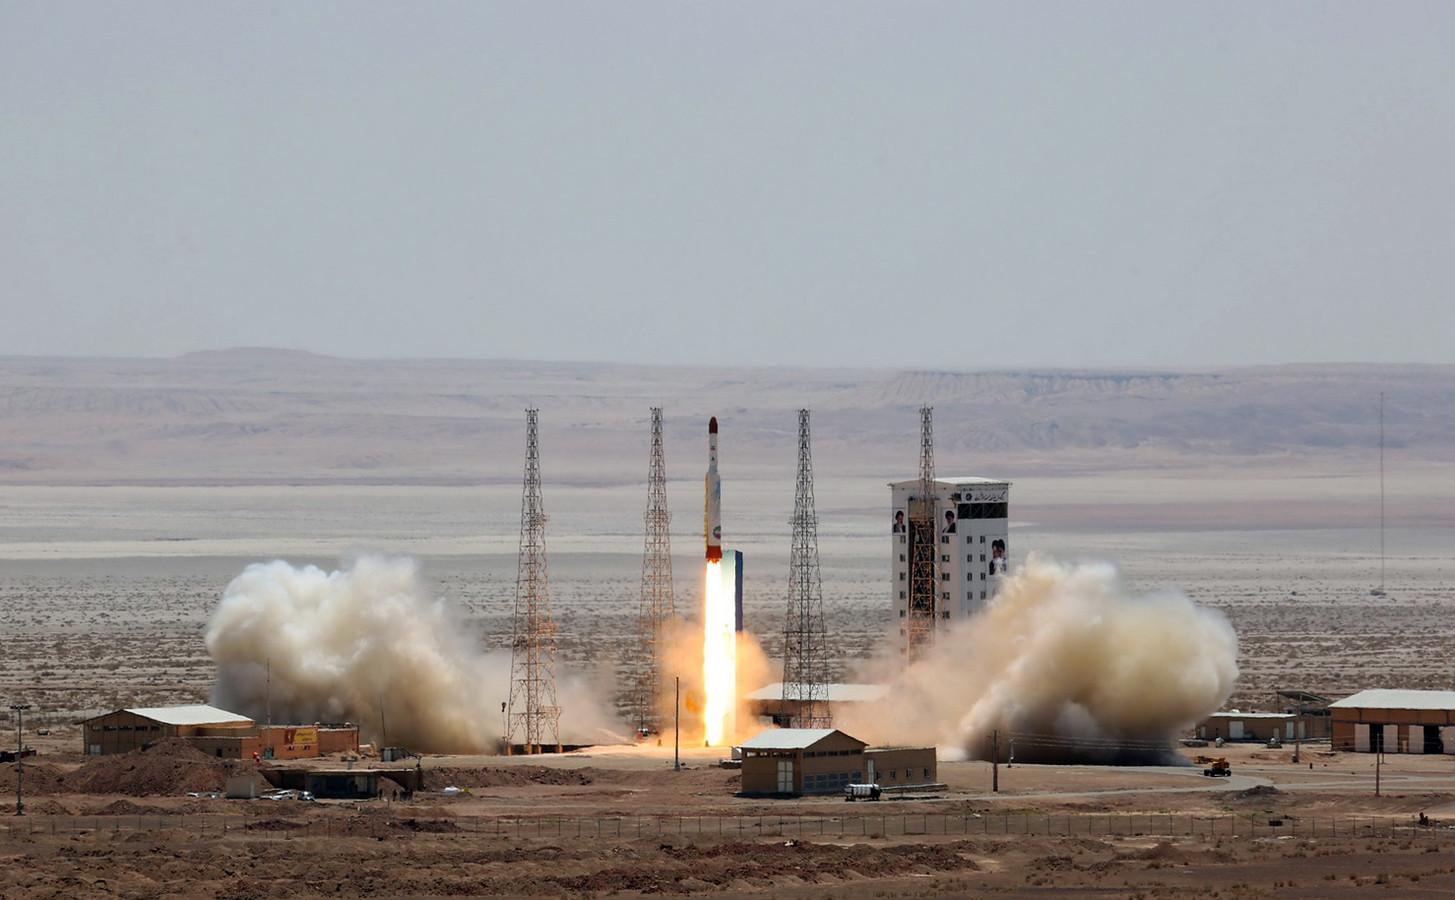 Archiefbeeld van de lancering van een satellietraket in Iran